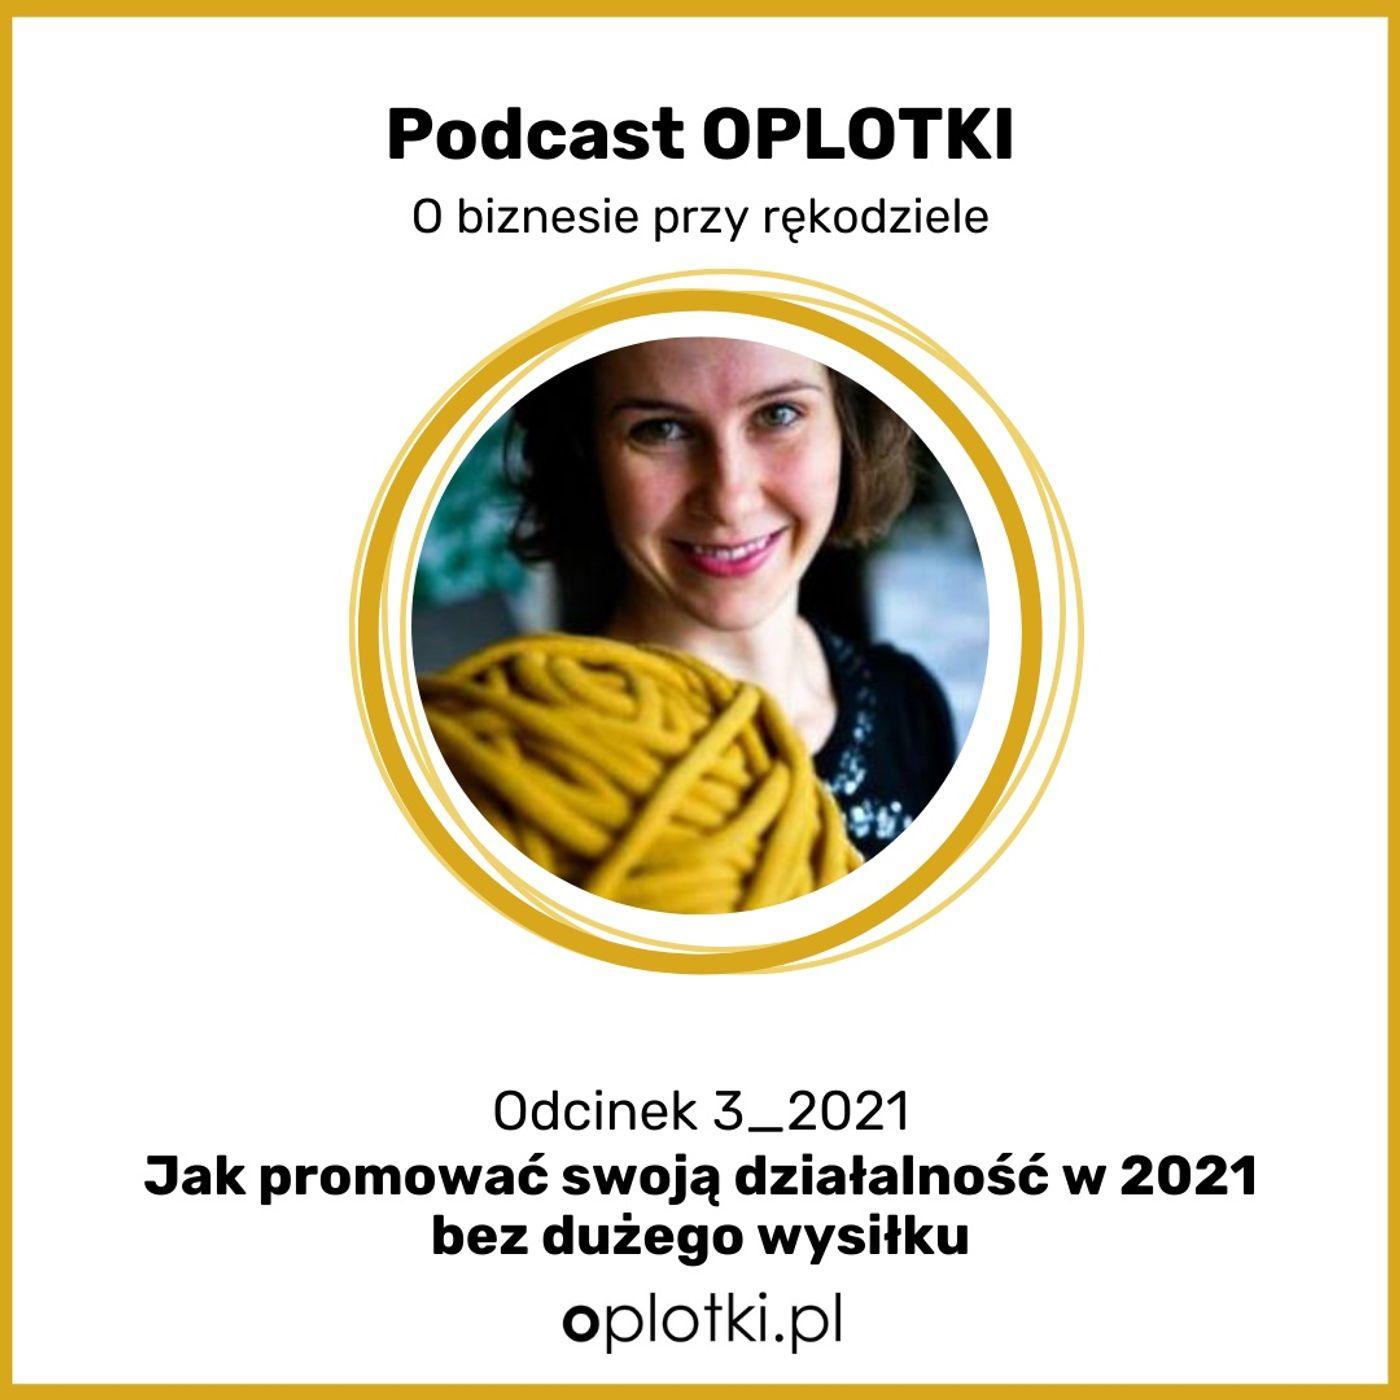 03_2021 Jak promować swoją działalność w 2021 bez dużego wysiłku